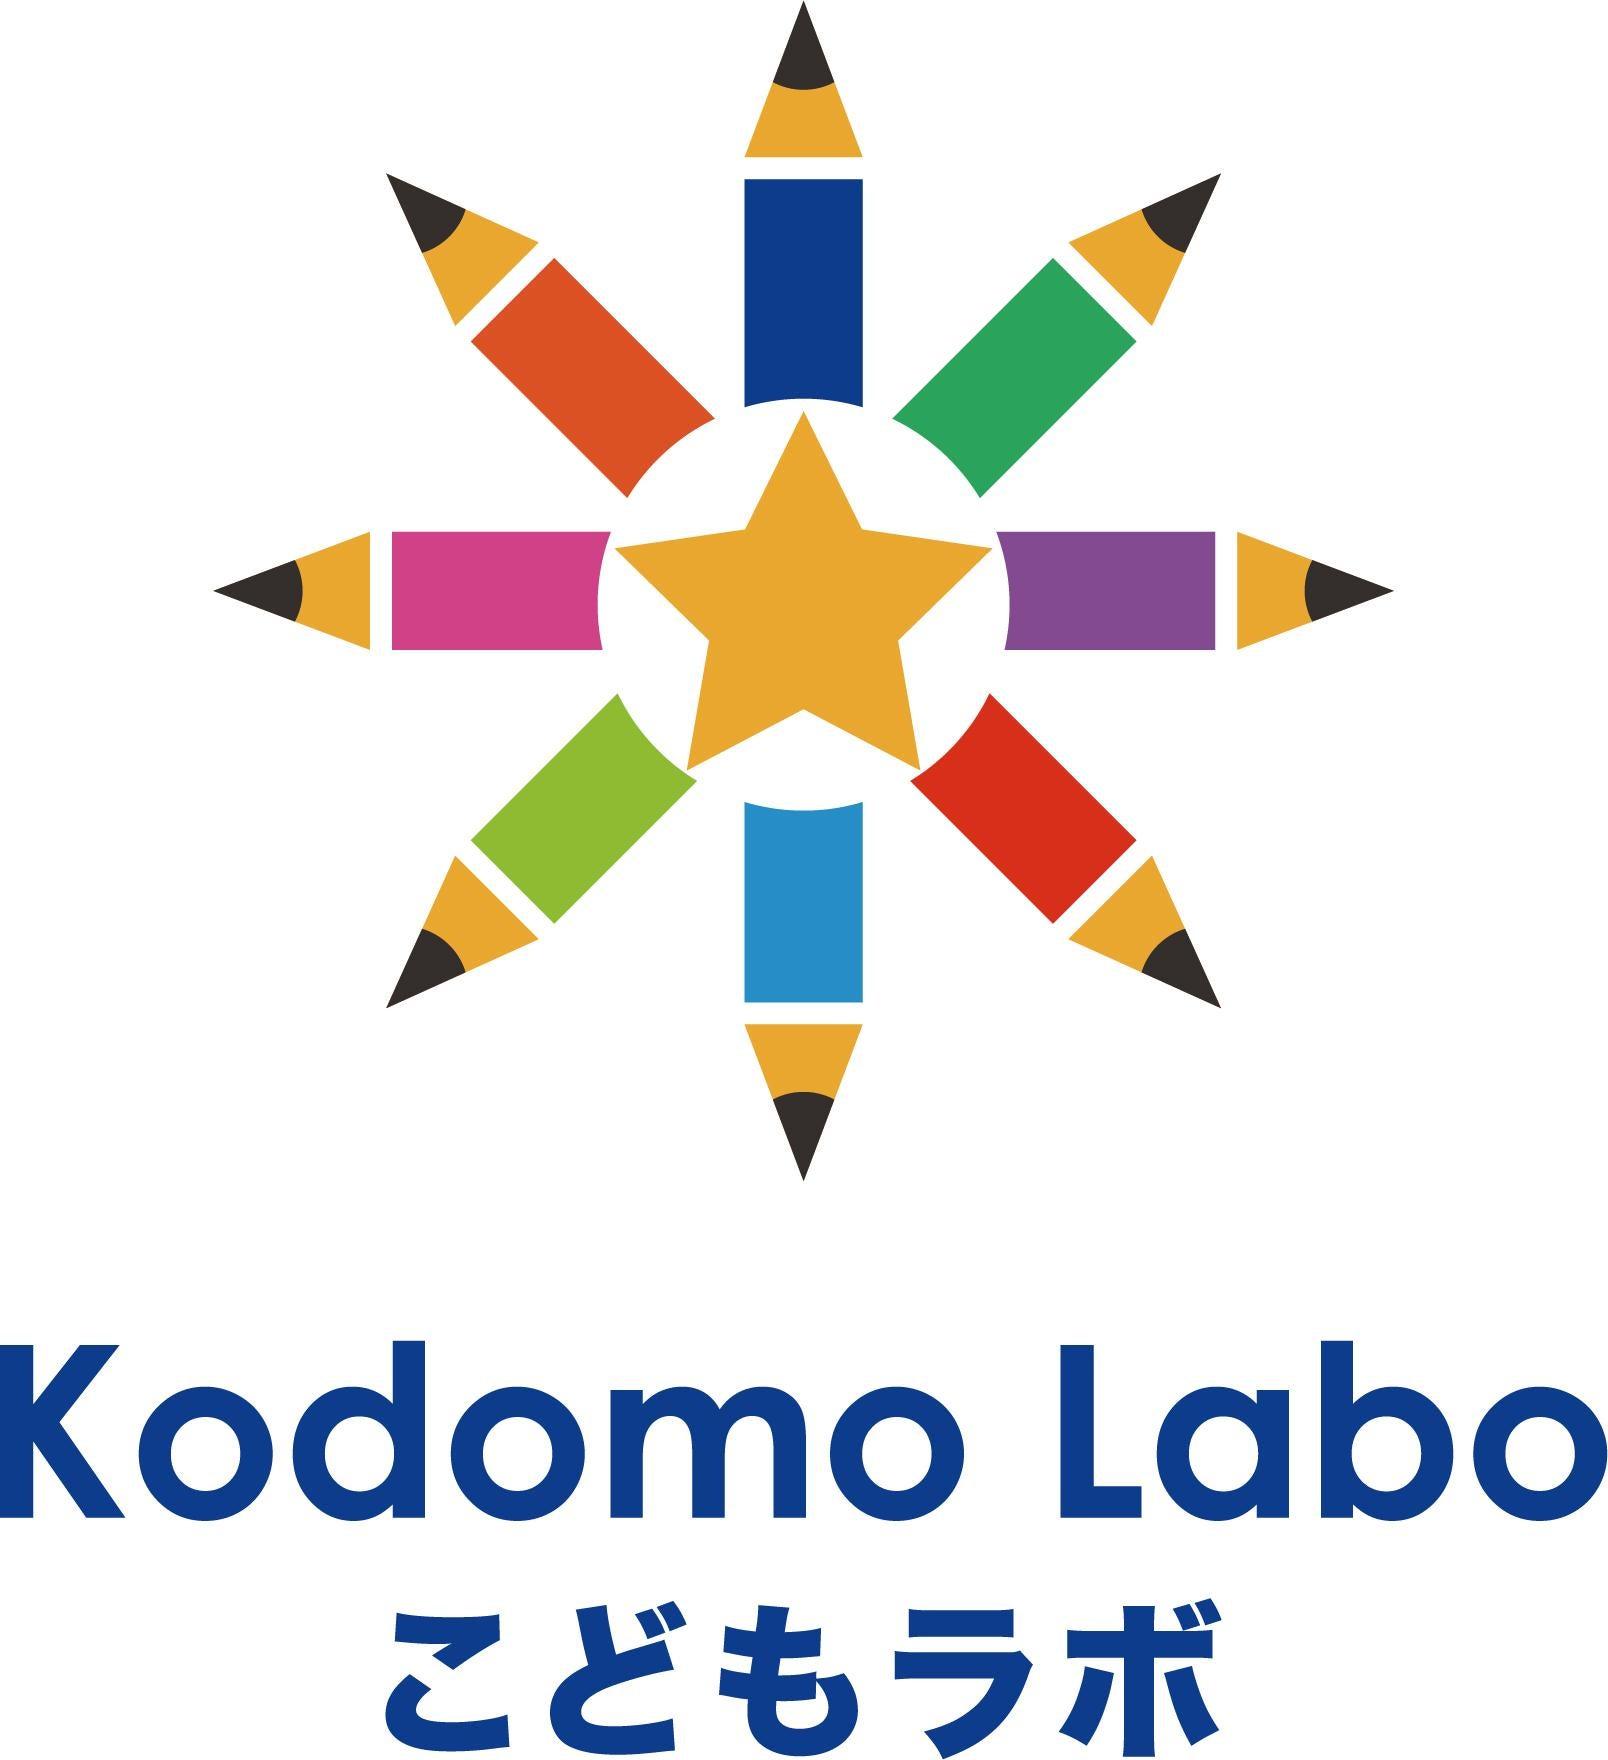 kodomo-labo